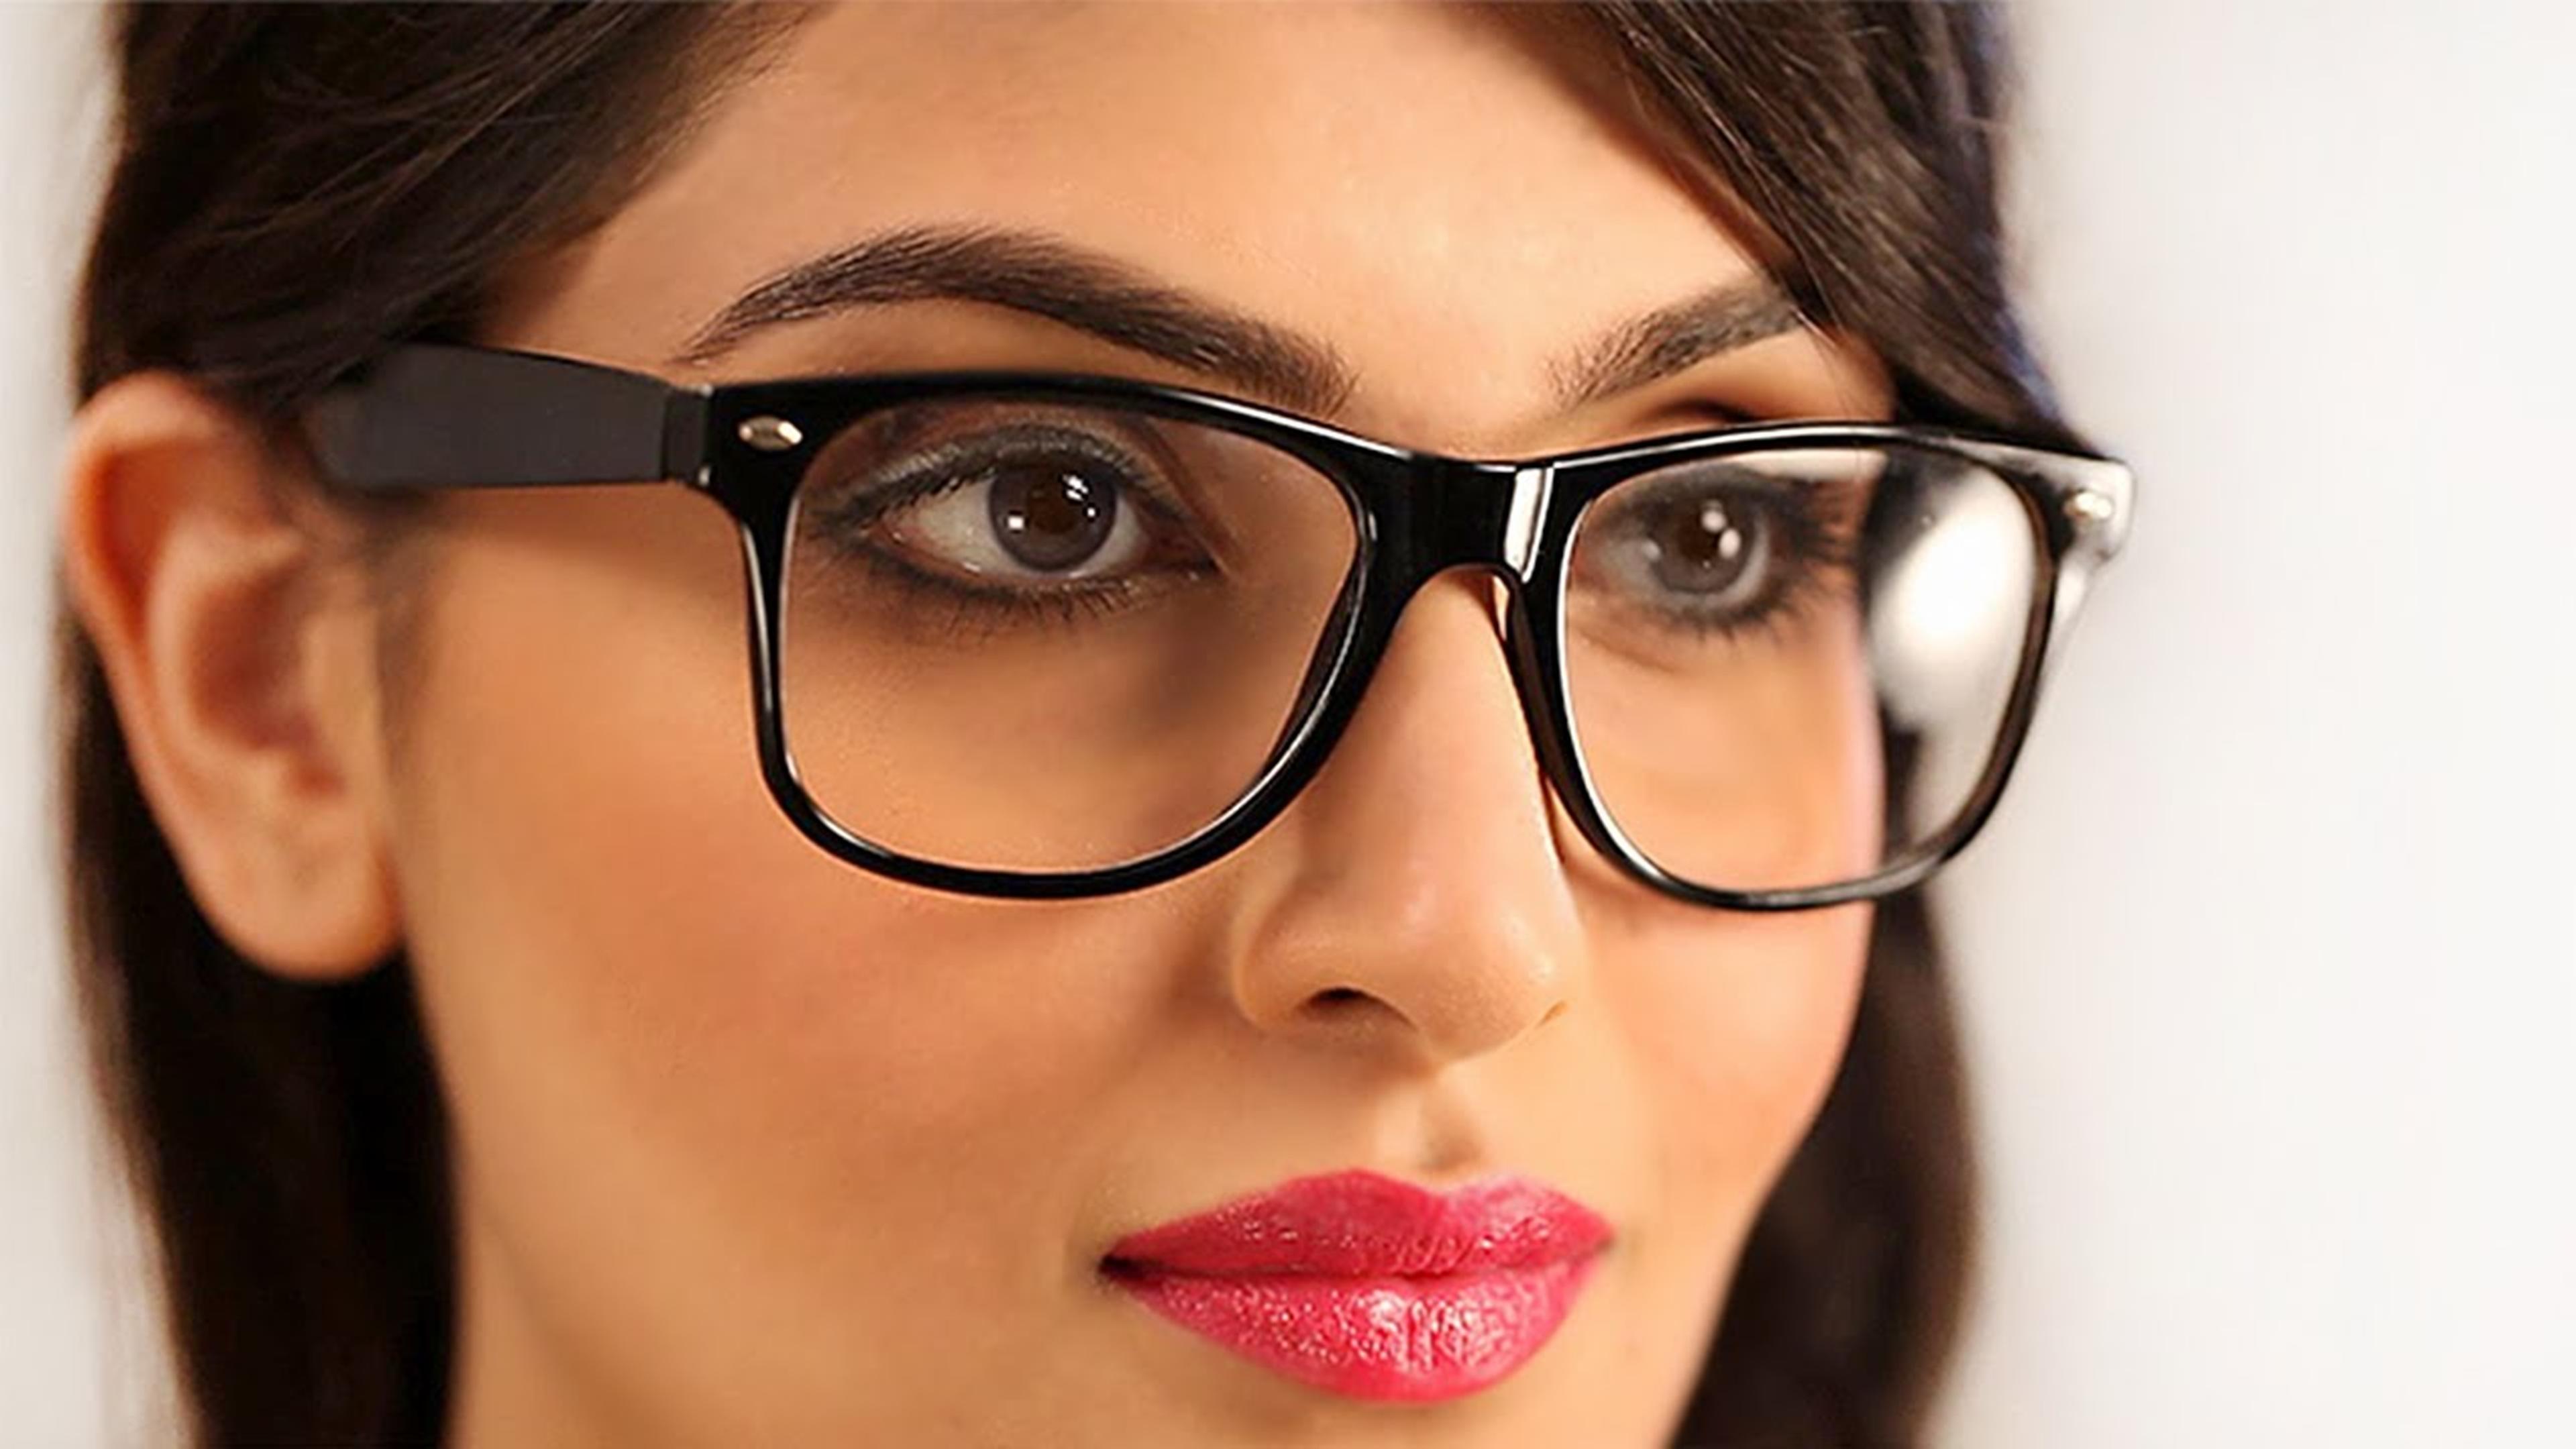 Kat Pakai Kacamata Terlihat Kuno Kata Siapa Memakai Kacamata Tidak Selalu Identik Dengan Dengan Kuno Kok Nyat Kini Kacamata Menjadi Trend